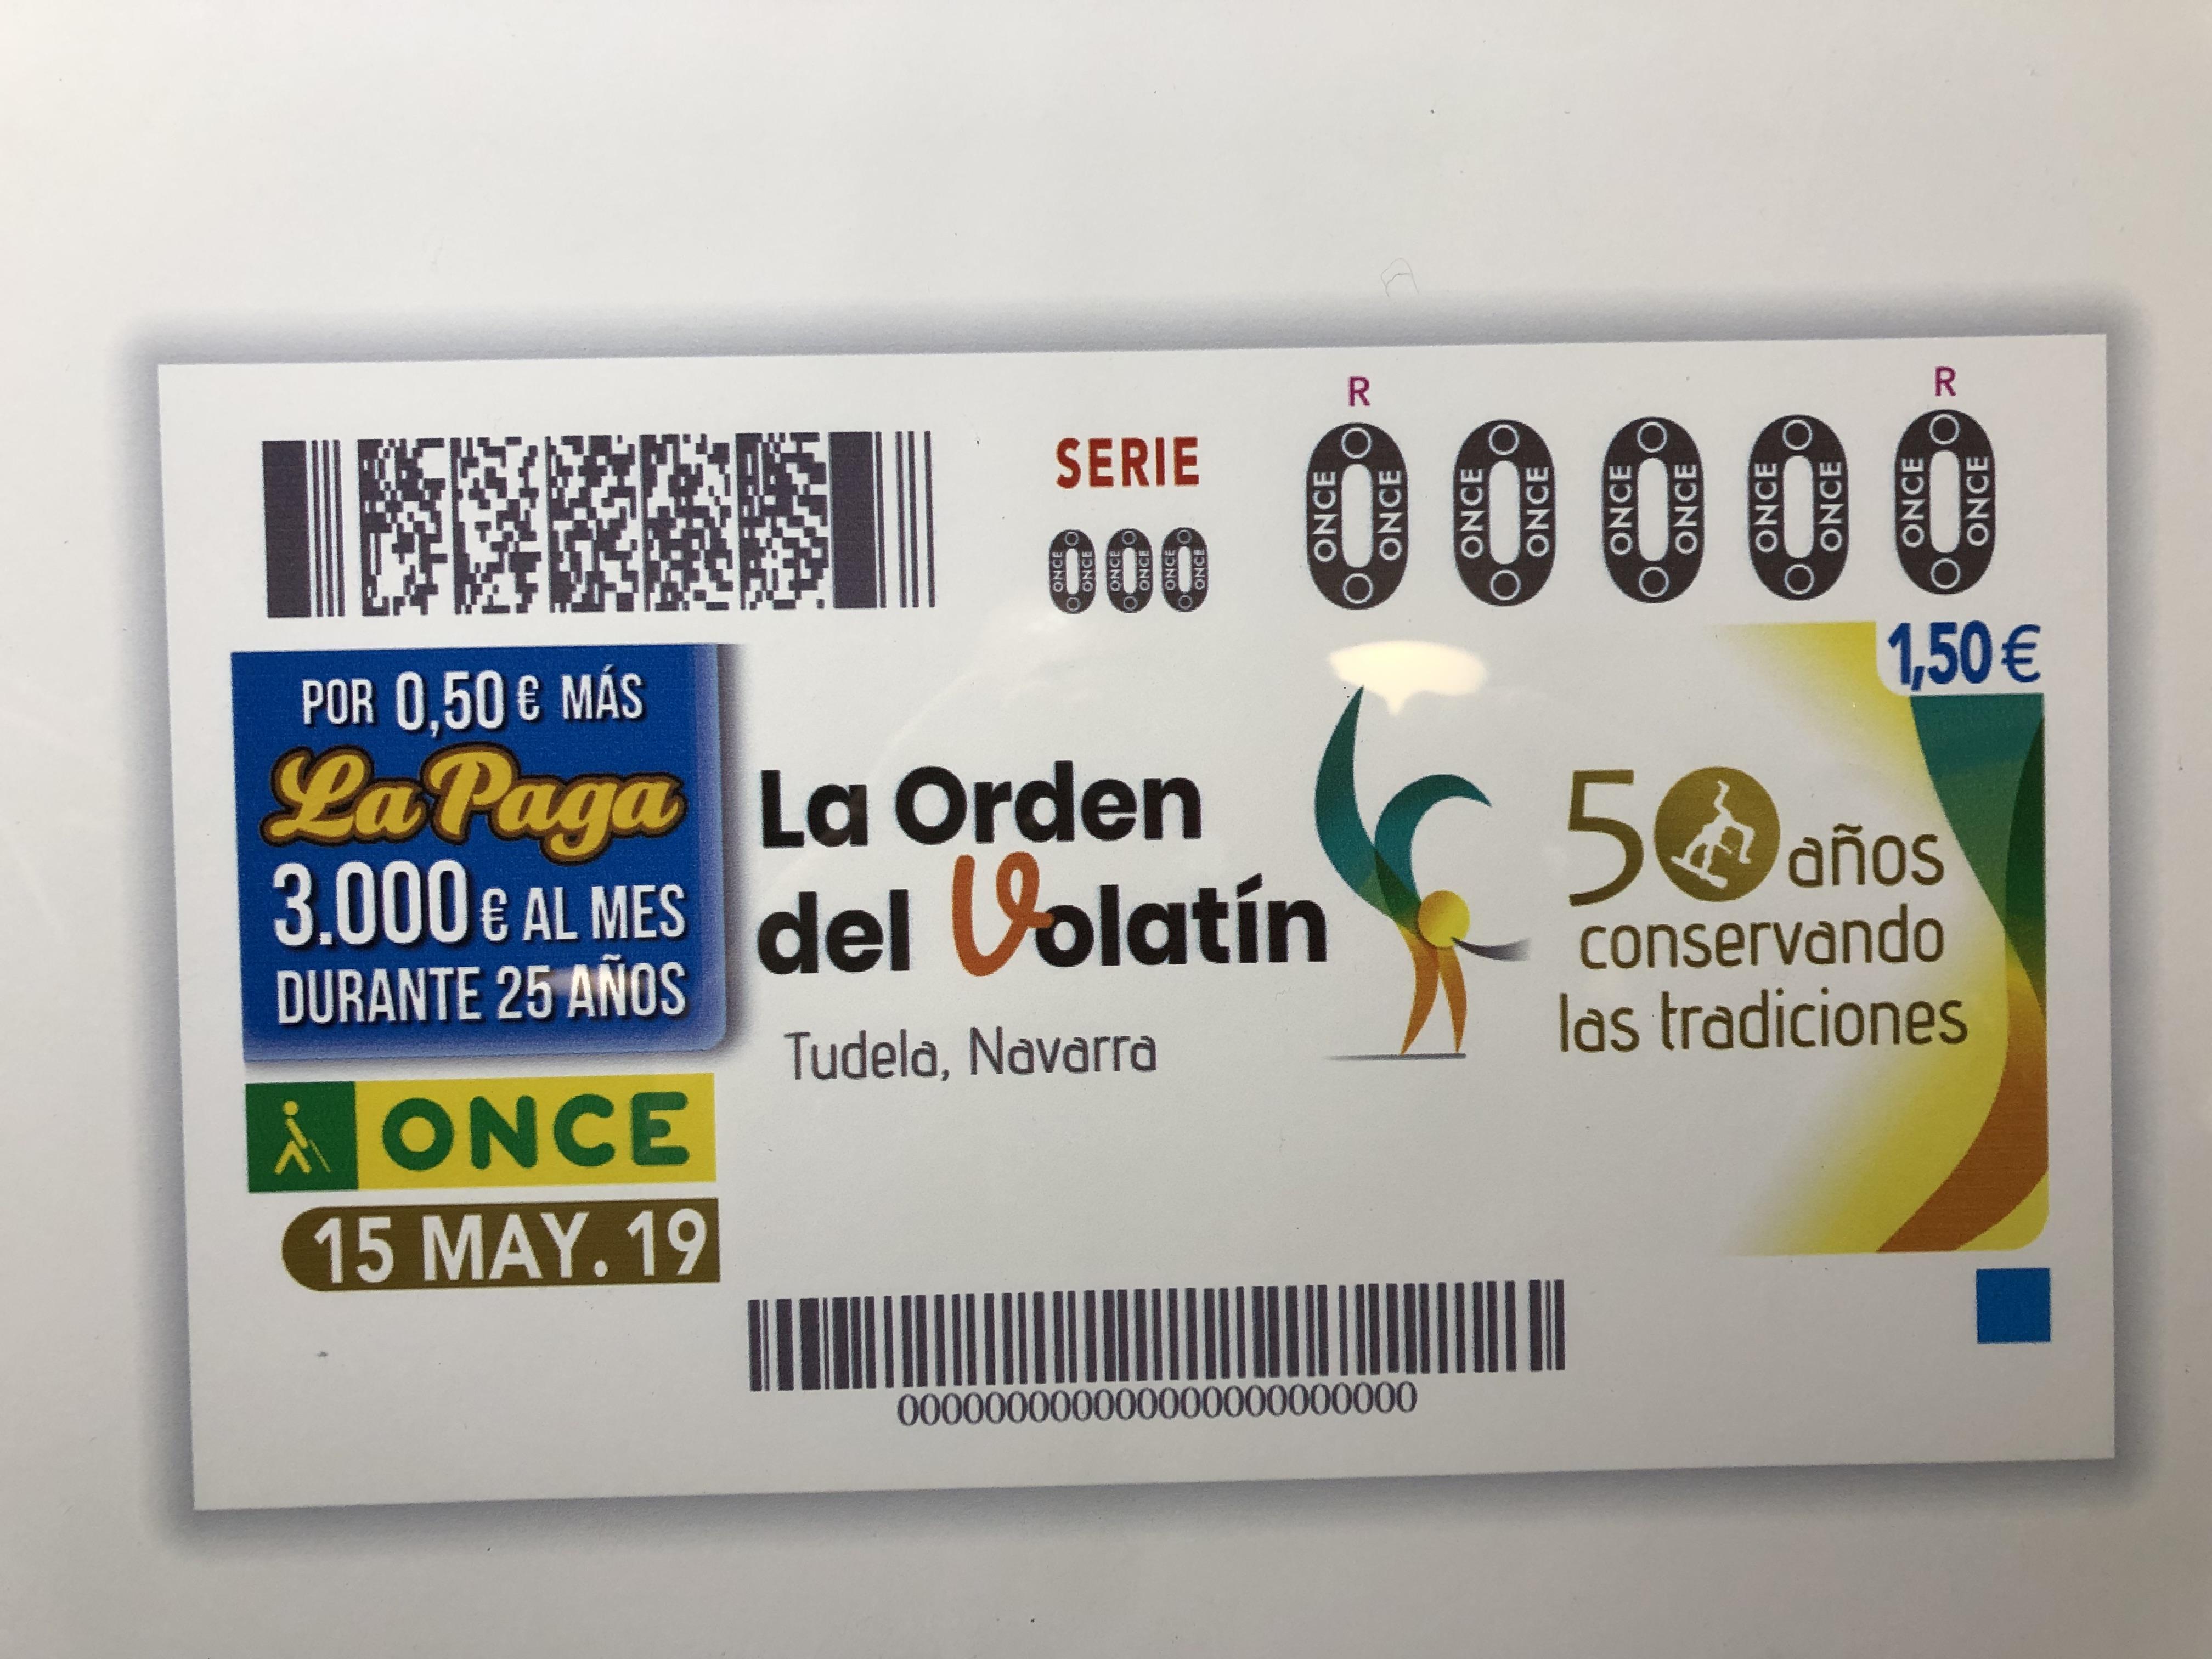 La Orden del Volatín de Tudela celebra su 50 aniversario en el cupón de la ONCE, correspondiente al 15 de Mayo